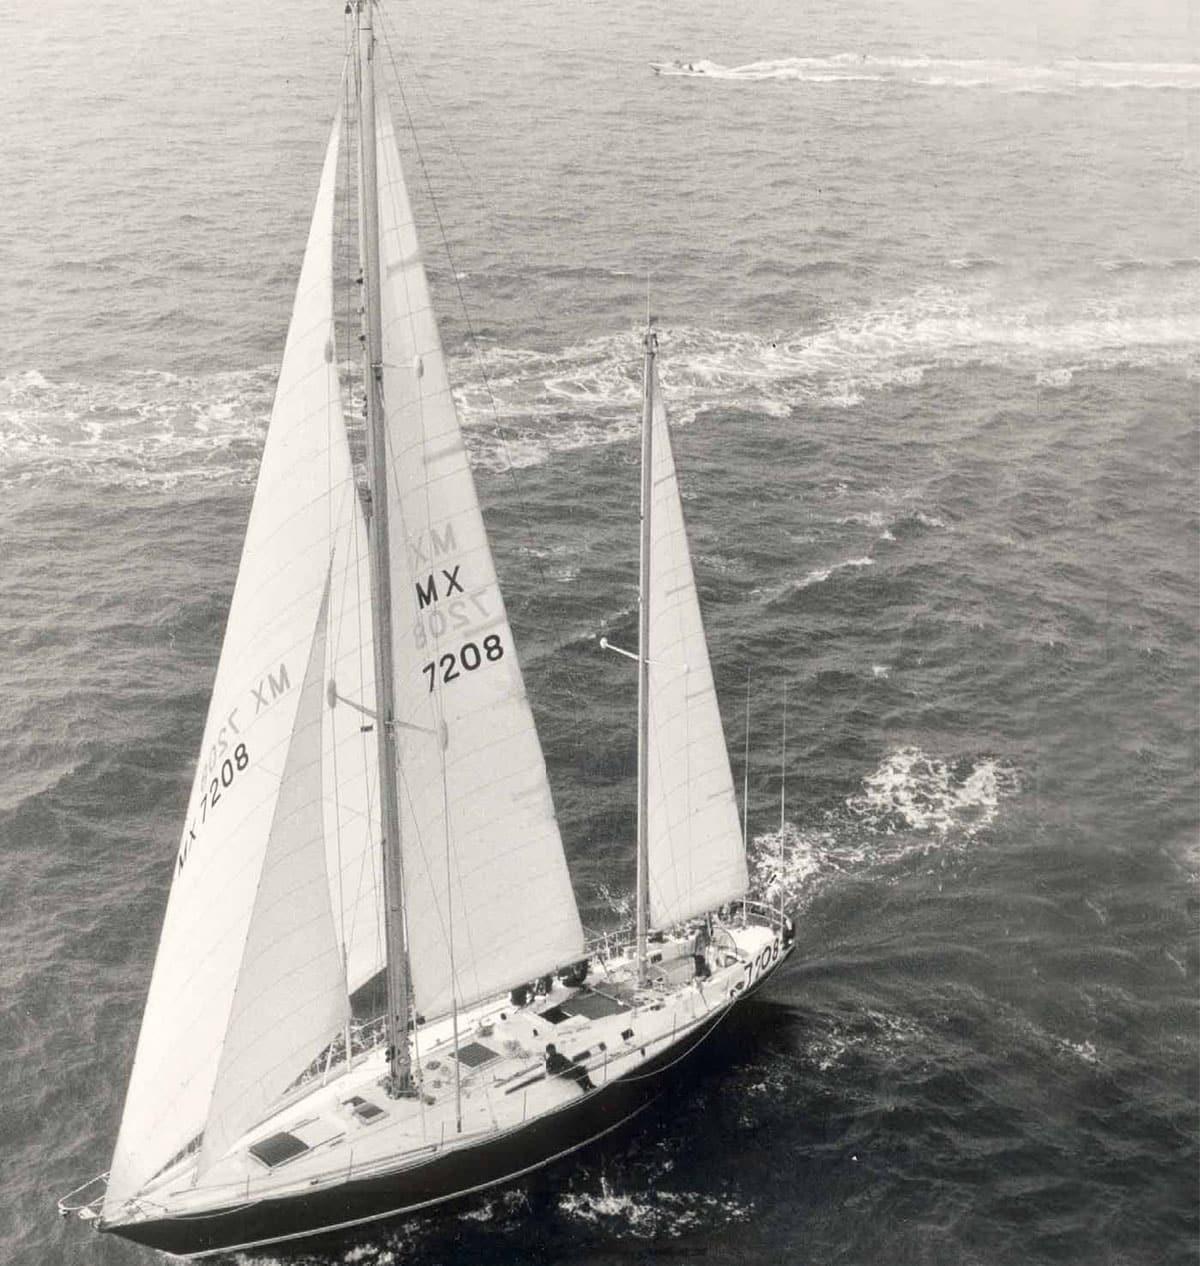 La regata per le barche del Whitbread, il giro del mondo anni Settanta